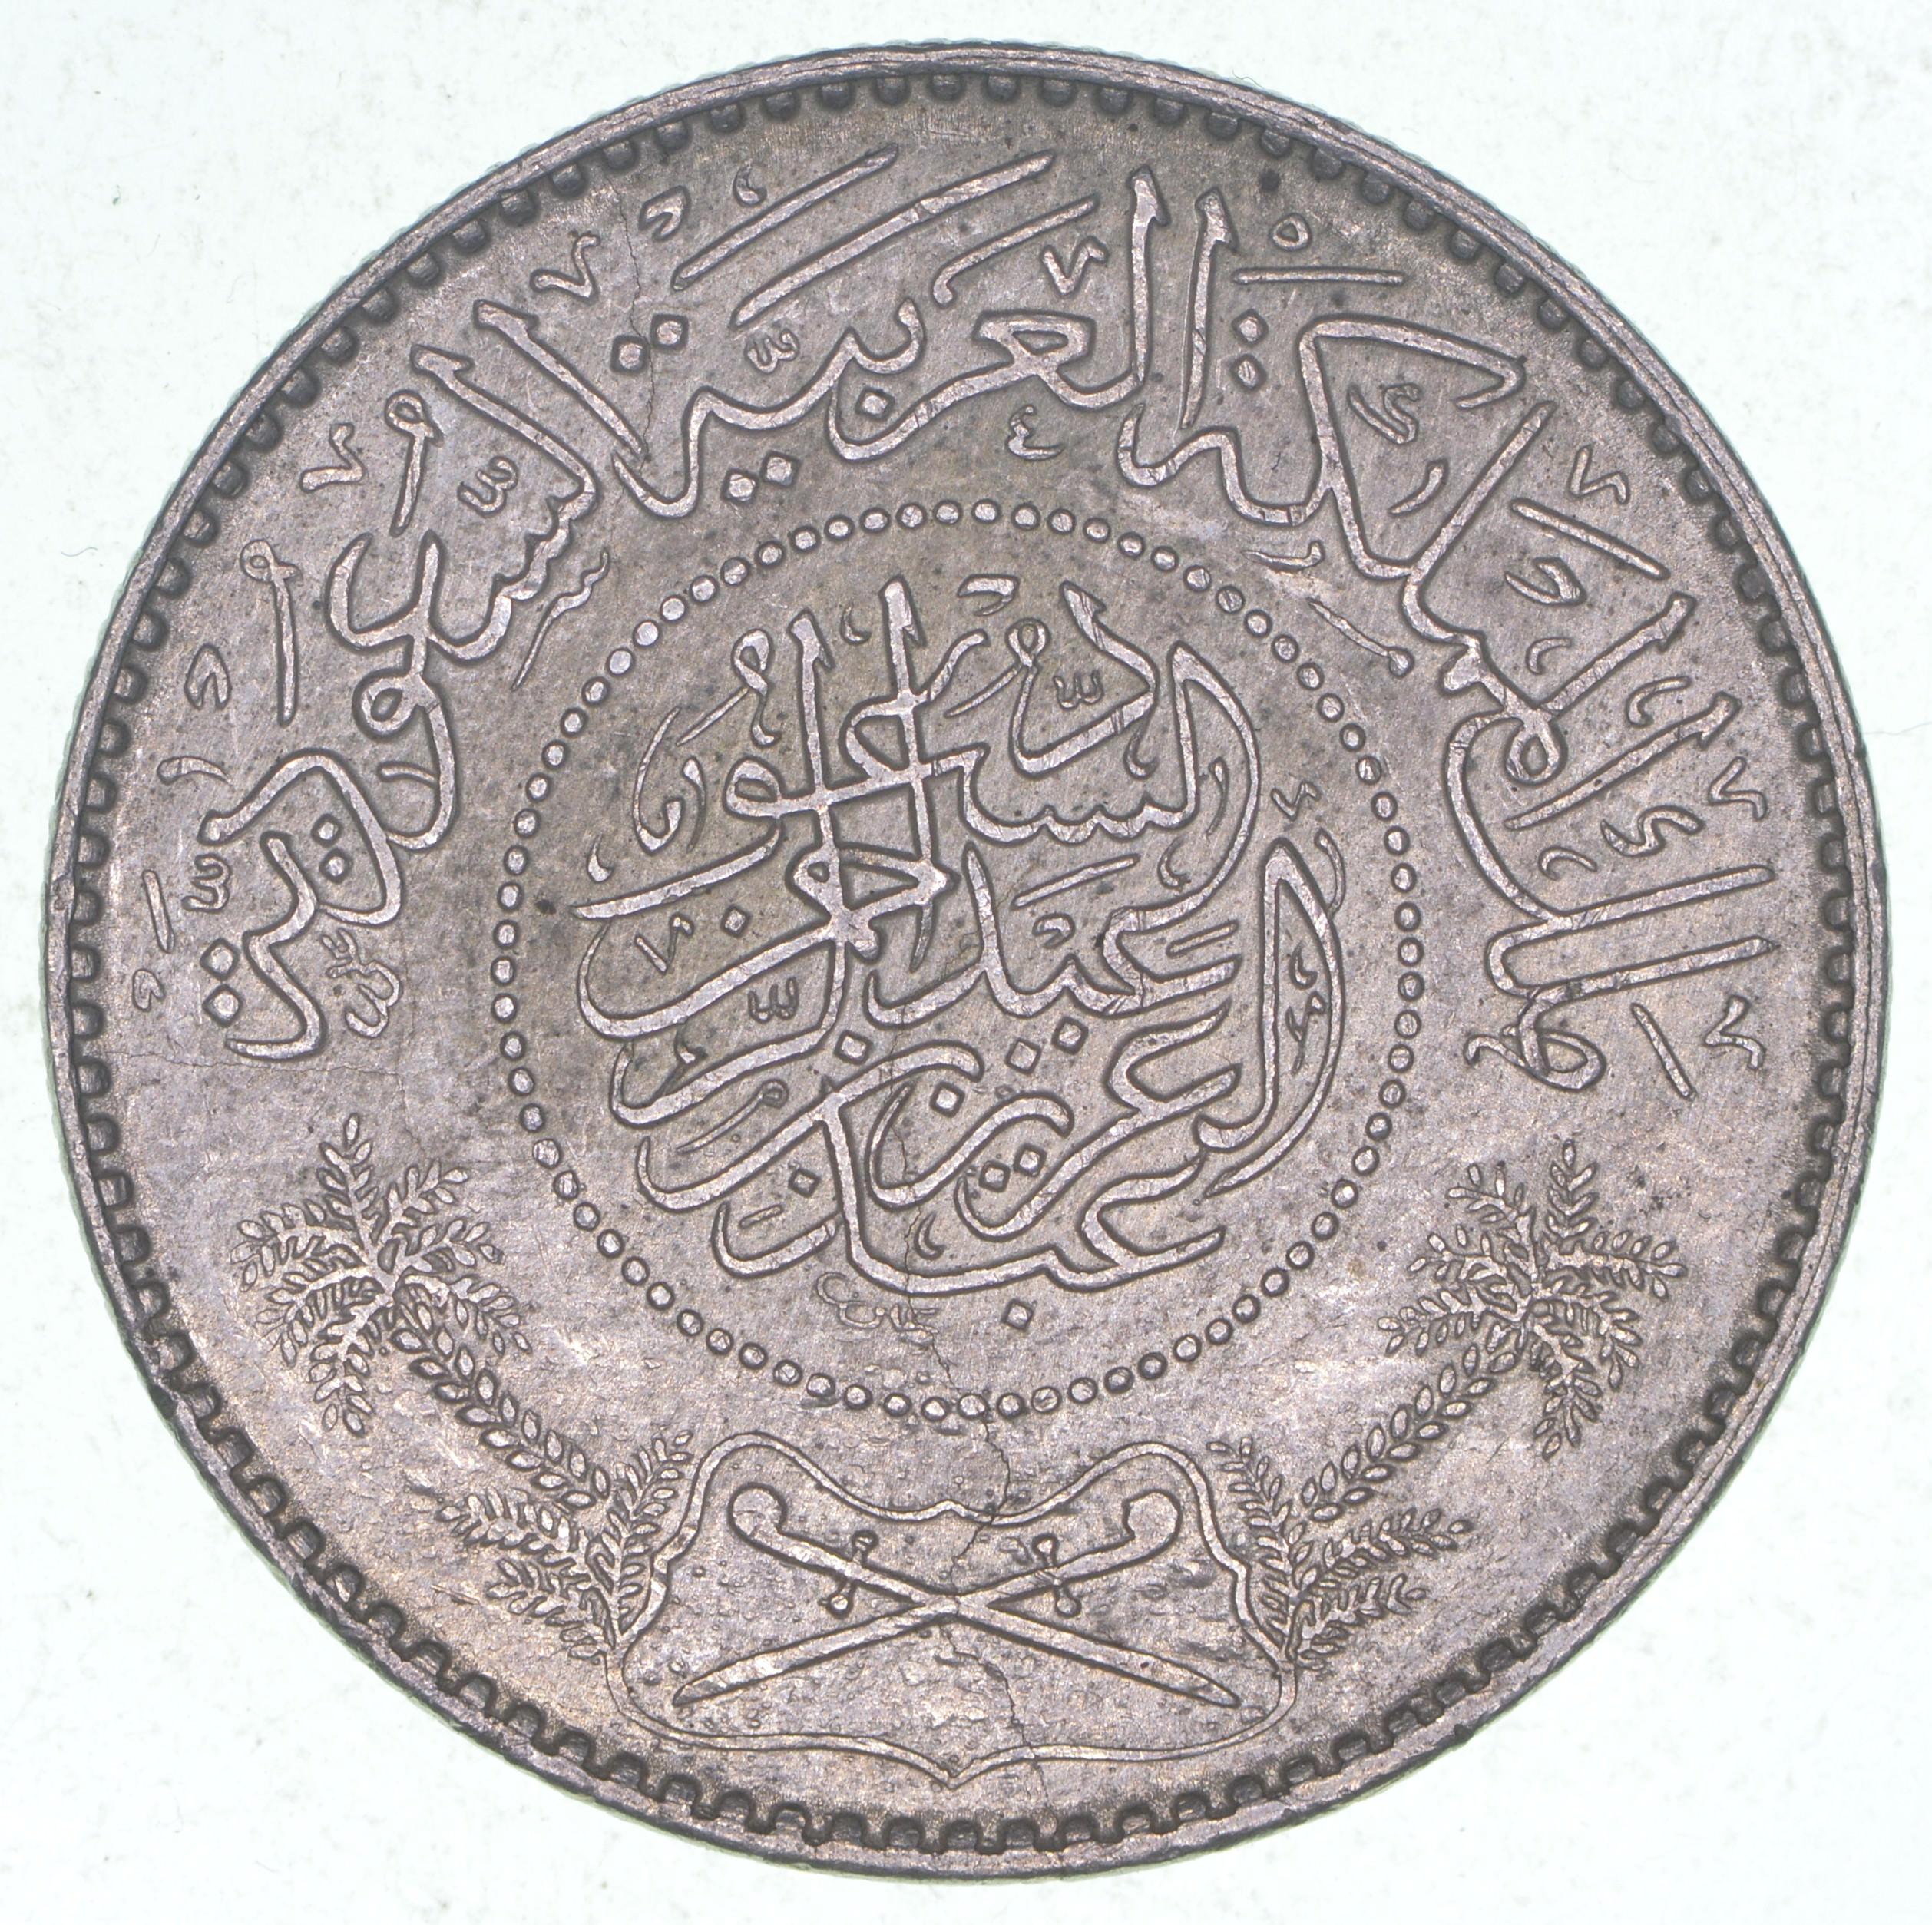 SILVER - 1954 Saudi Arabia 1 Riyal - World Silver Coin 11.6 Grams ...